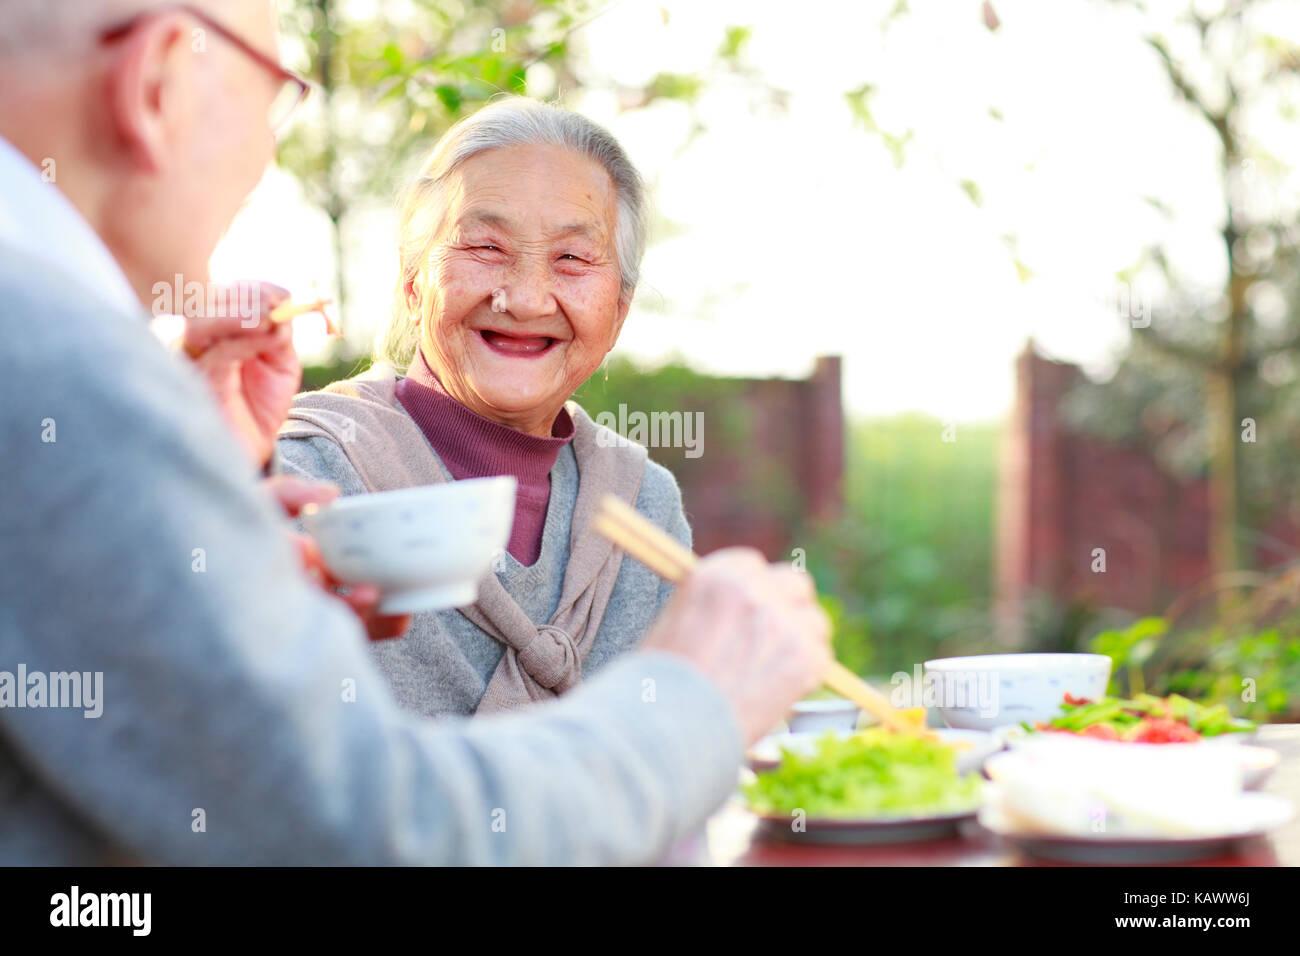 Feliz y saludable chino superior par juntos a comer en el jardín Imagen De Stock